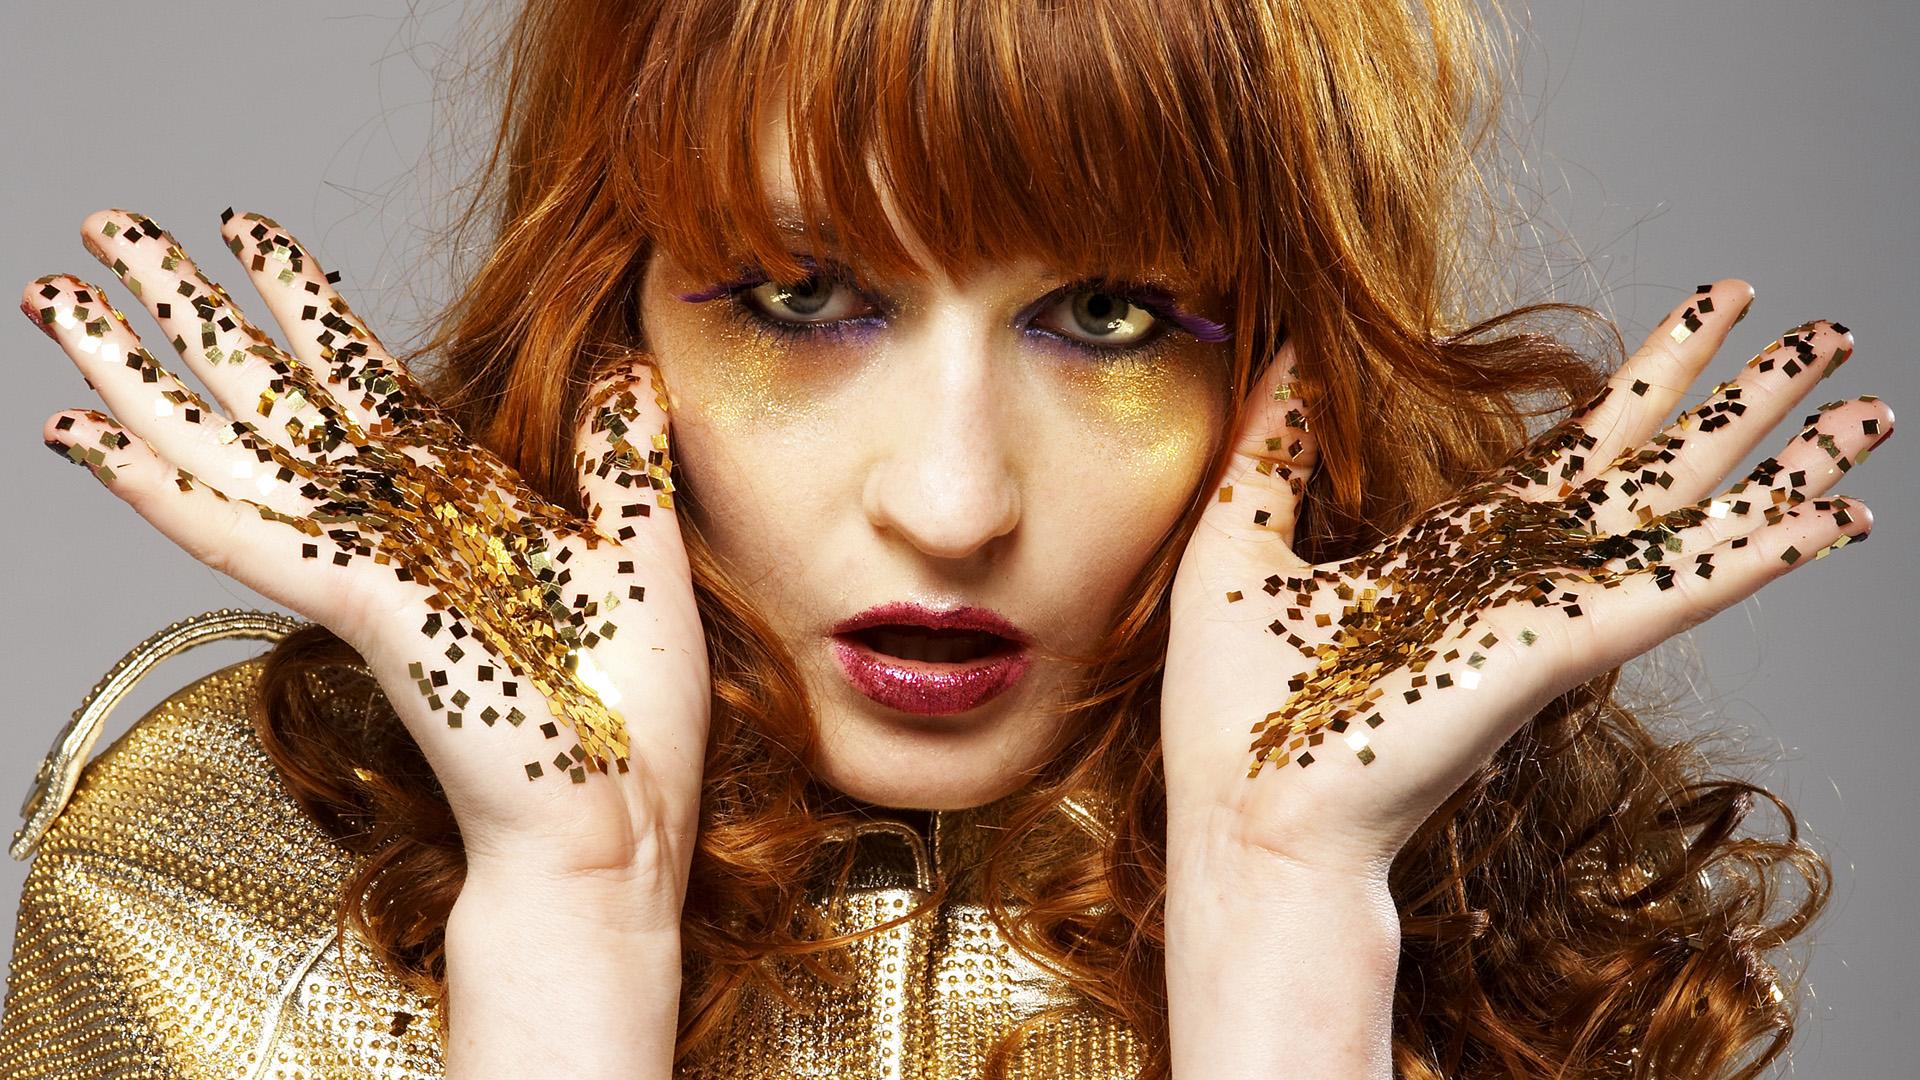 Новые песни Florence And The Machine войдут в саундтрек игры Final Fantasy